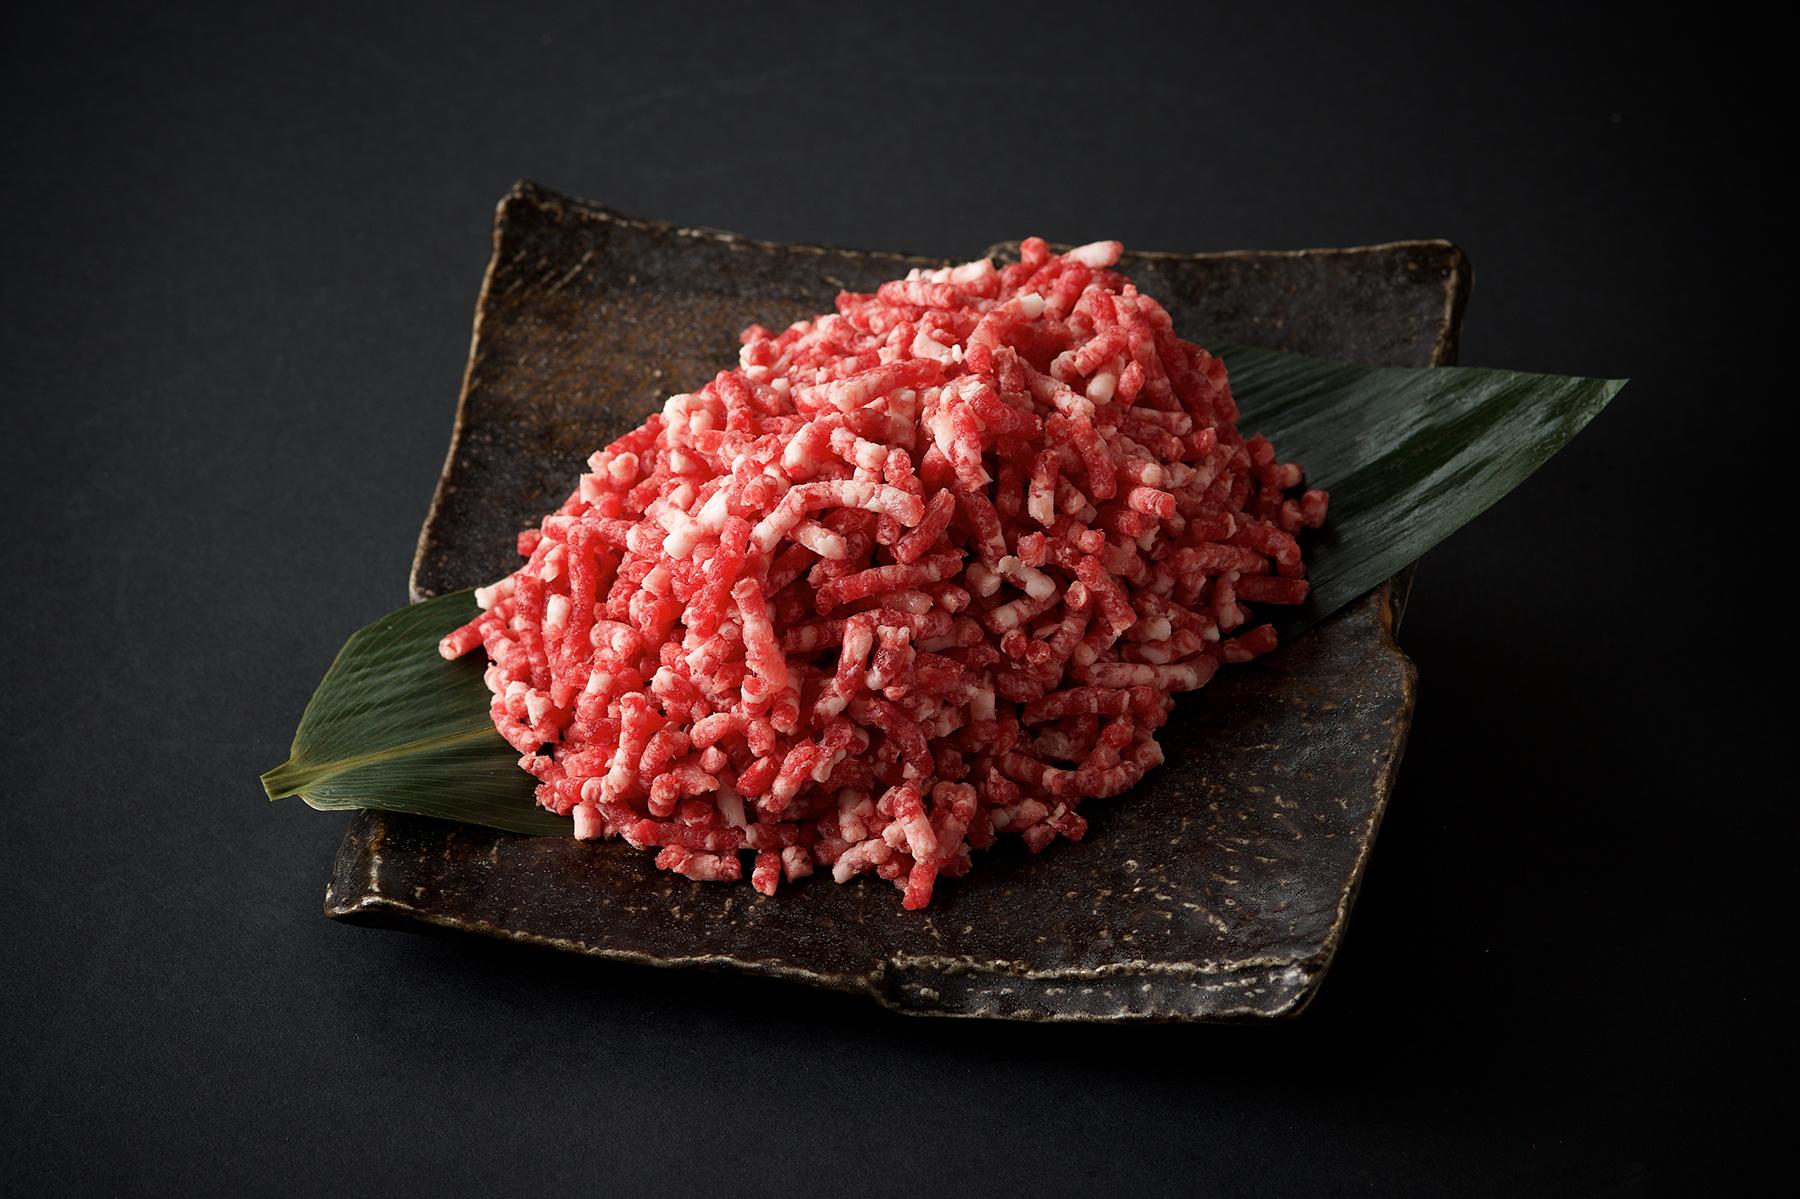 九州産黒毛和牛・黒豚 粗びき合挽ミンチ-1